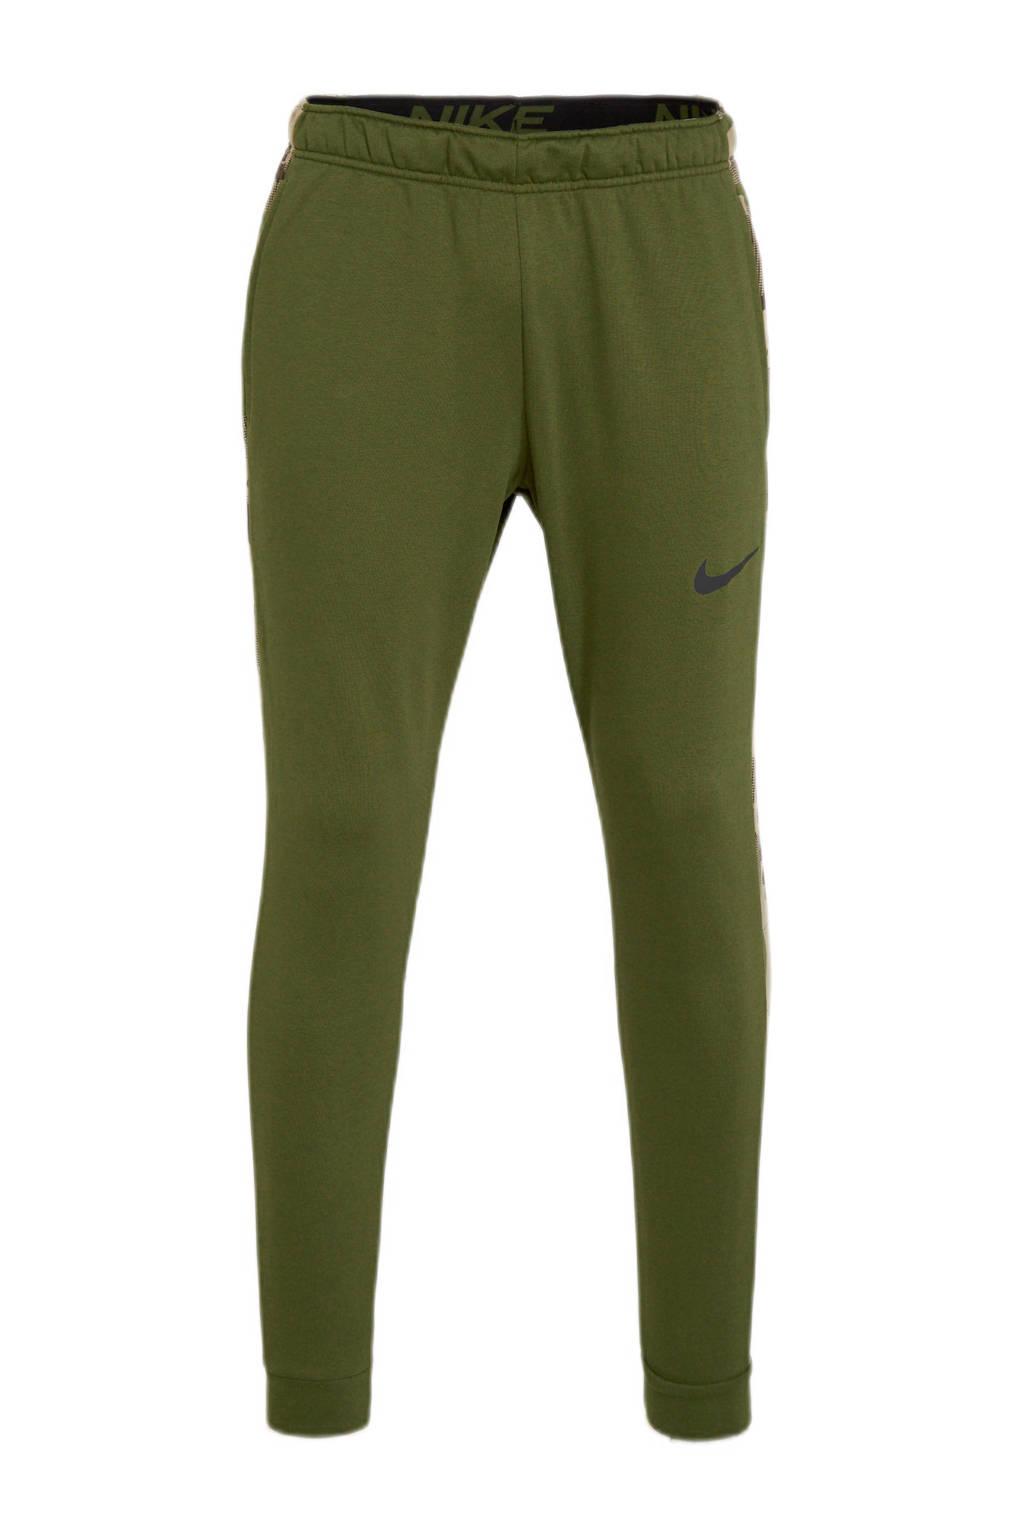 Nike   joggingbroek kaki, Kaki